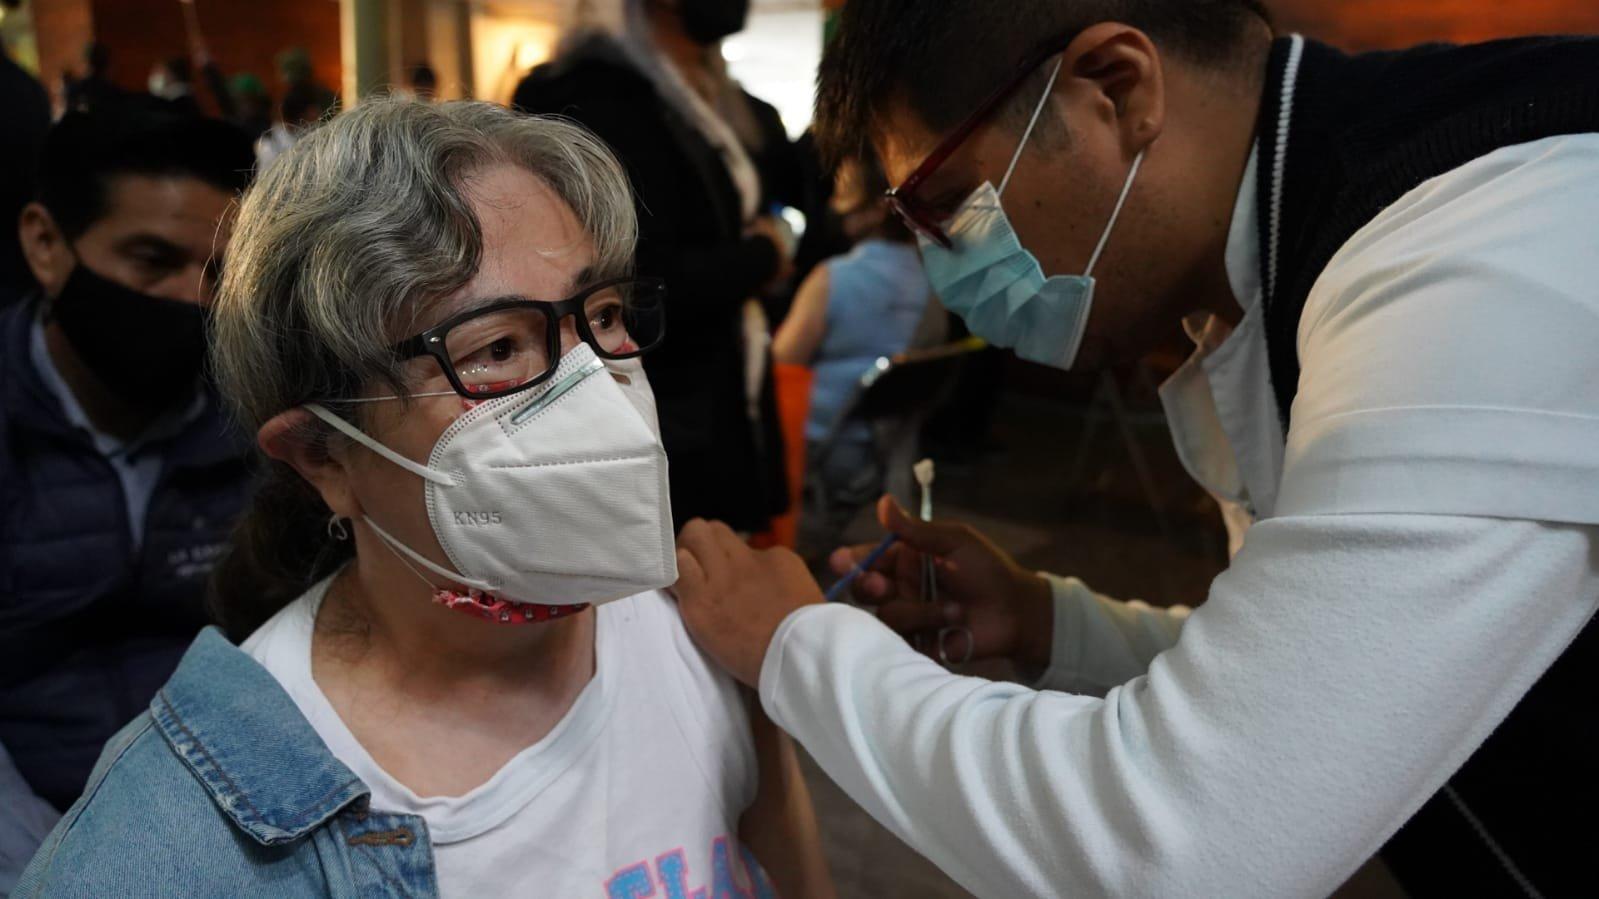 Inicia el 25 de mayo vacunación en adultos mayores de 50 a 59 años en Álvaro Obregón, Azcapotzalco, Benito Juárez, Coyoacán, Miguel Hidalgo, Tlalpan y Venustiano Carranza